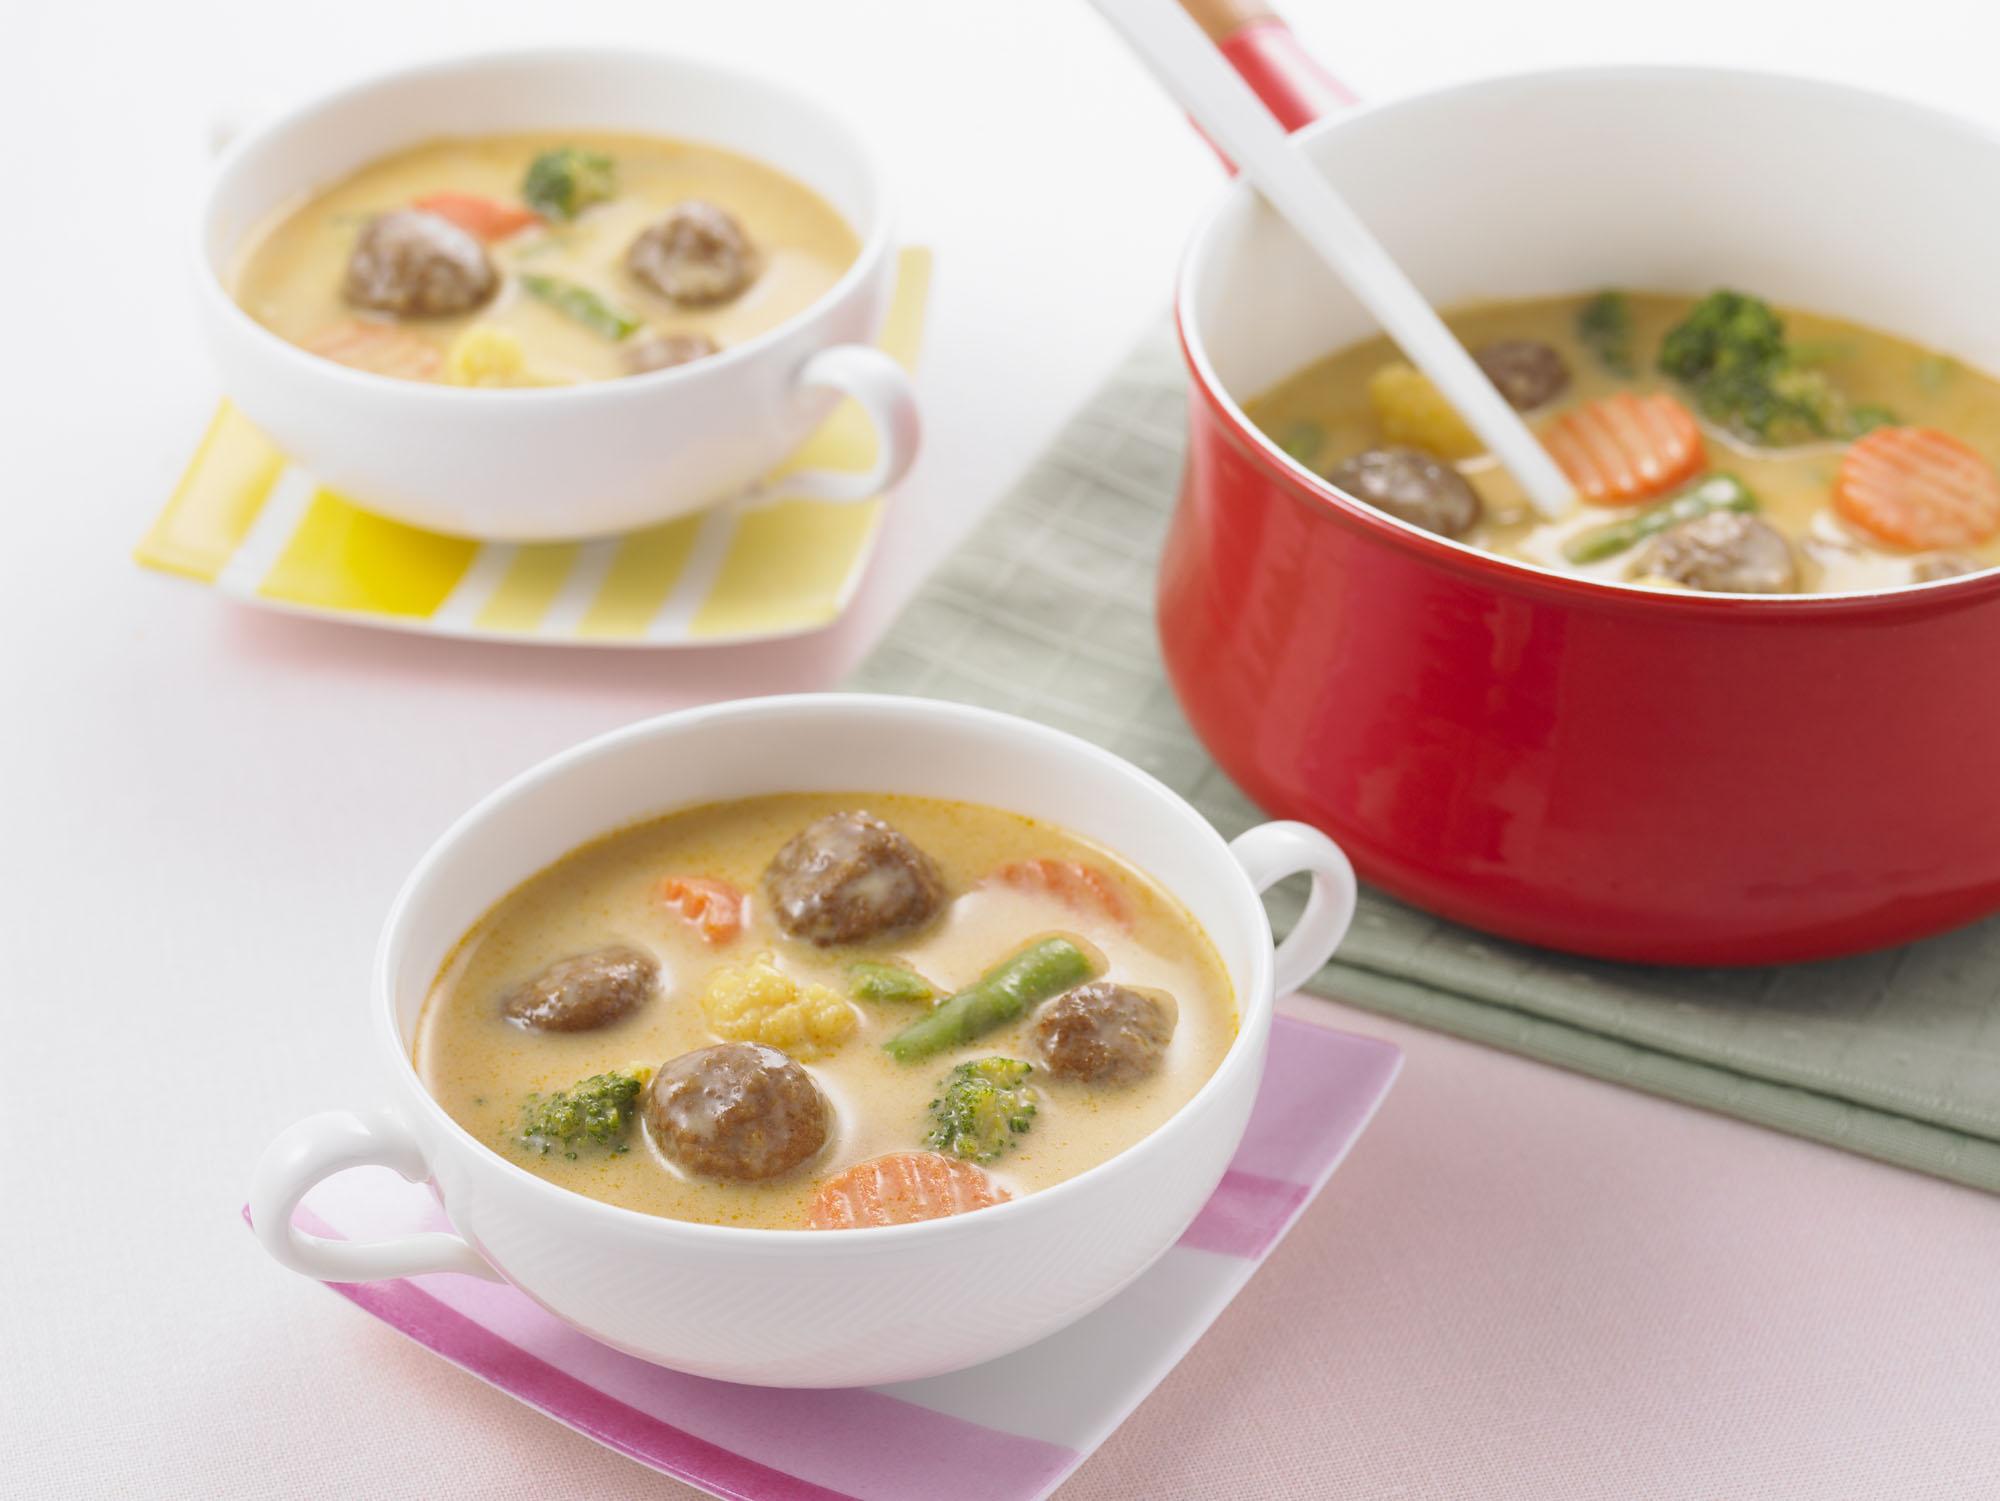 カレーミートボールのクリーミースープ